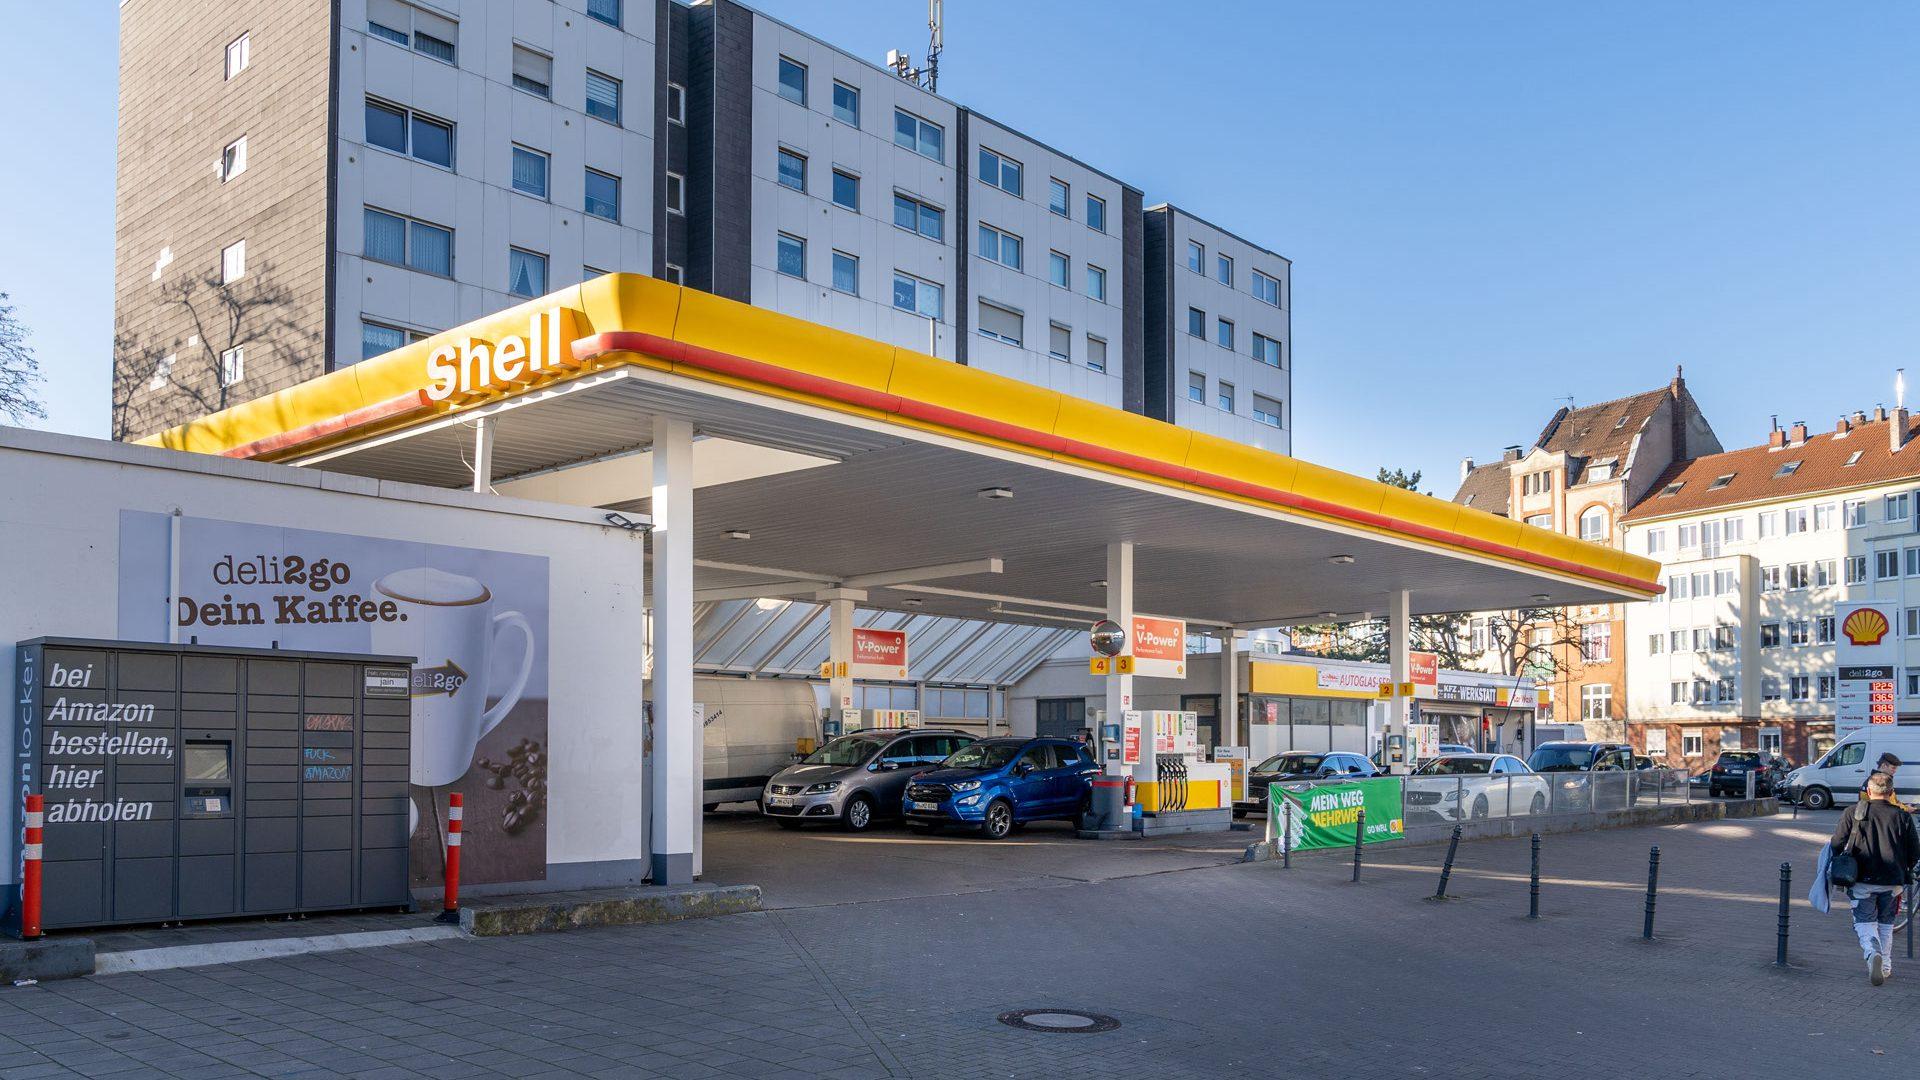 Shell Tankstelle Köln, Bonner Str. 98